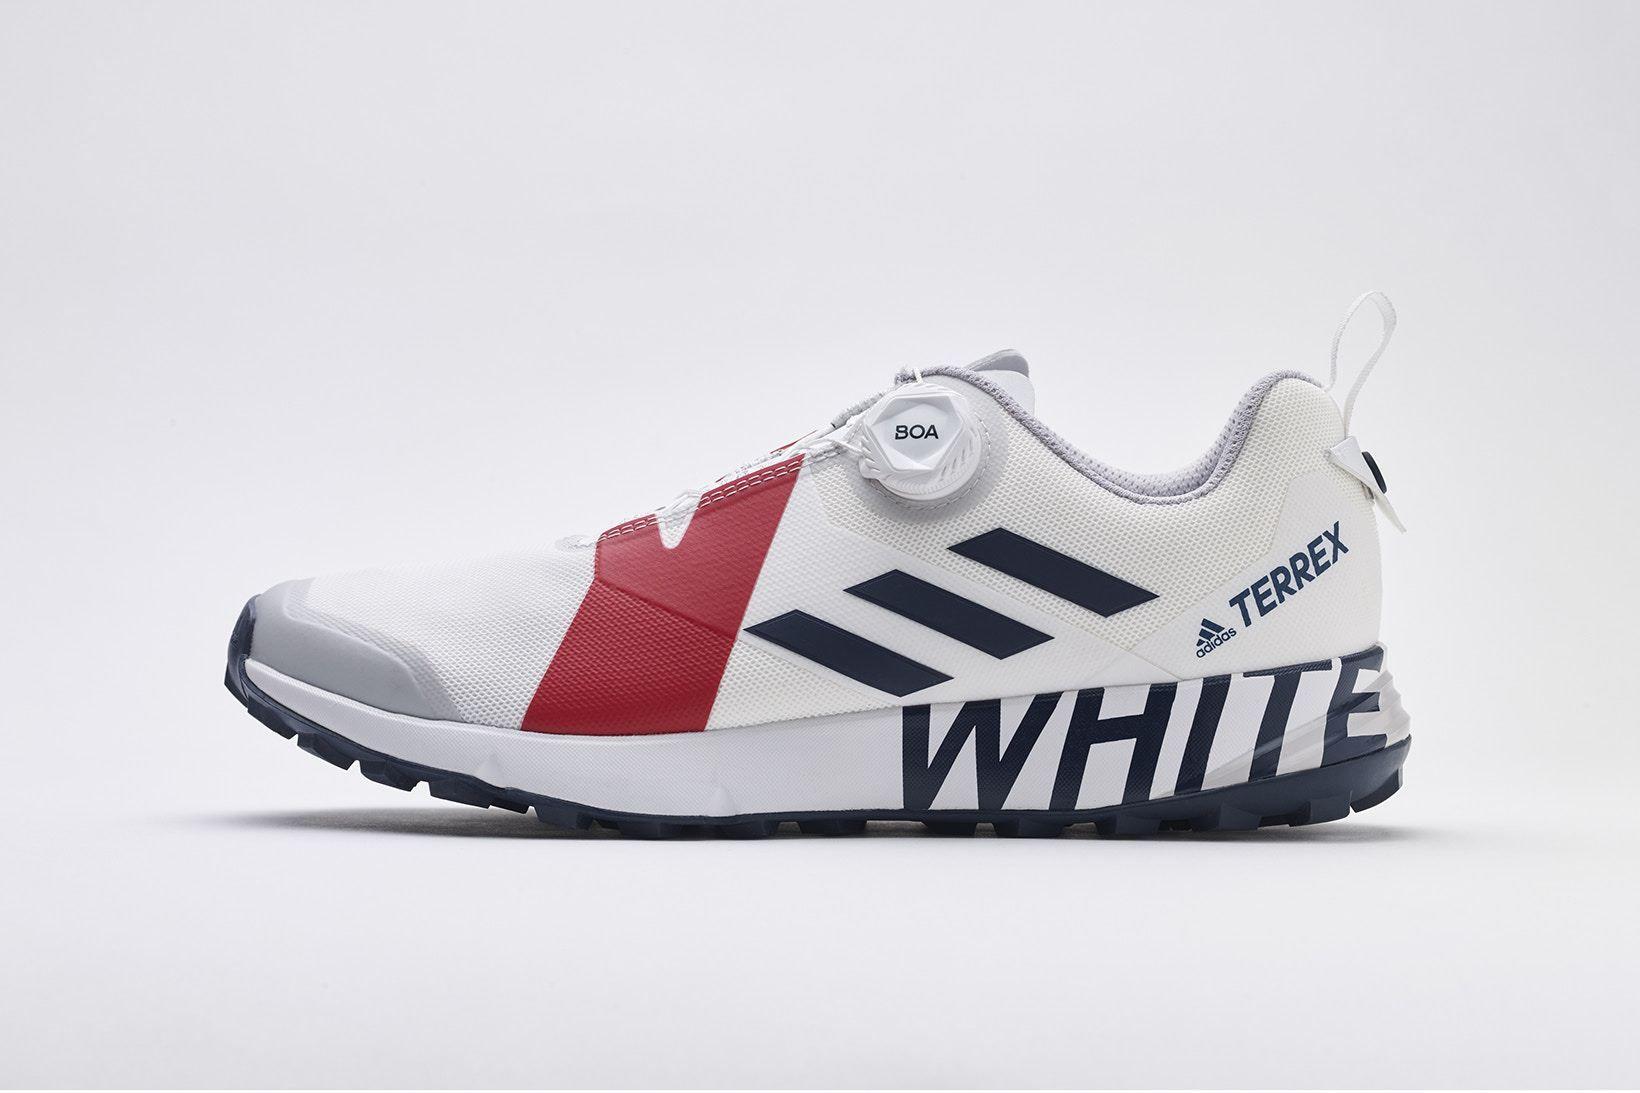 White Mountaineering x adidas TERREX TWO BOA | 운동화, 신발